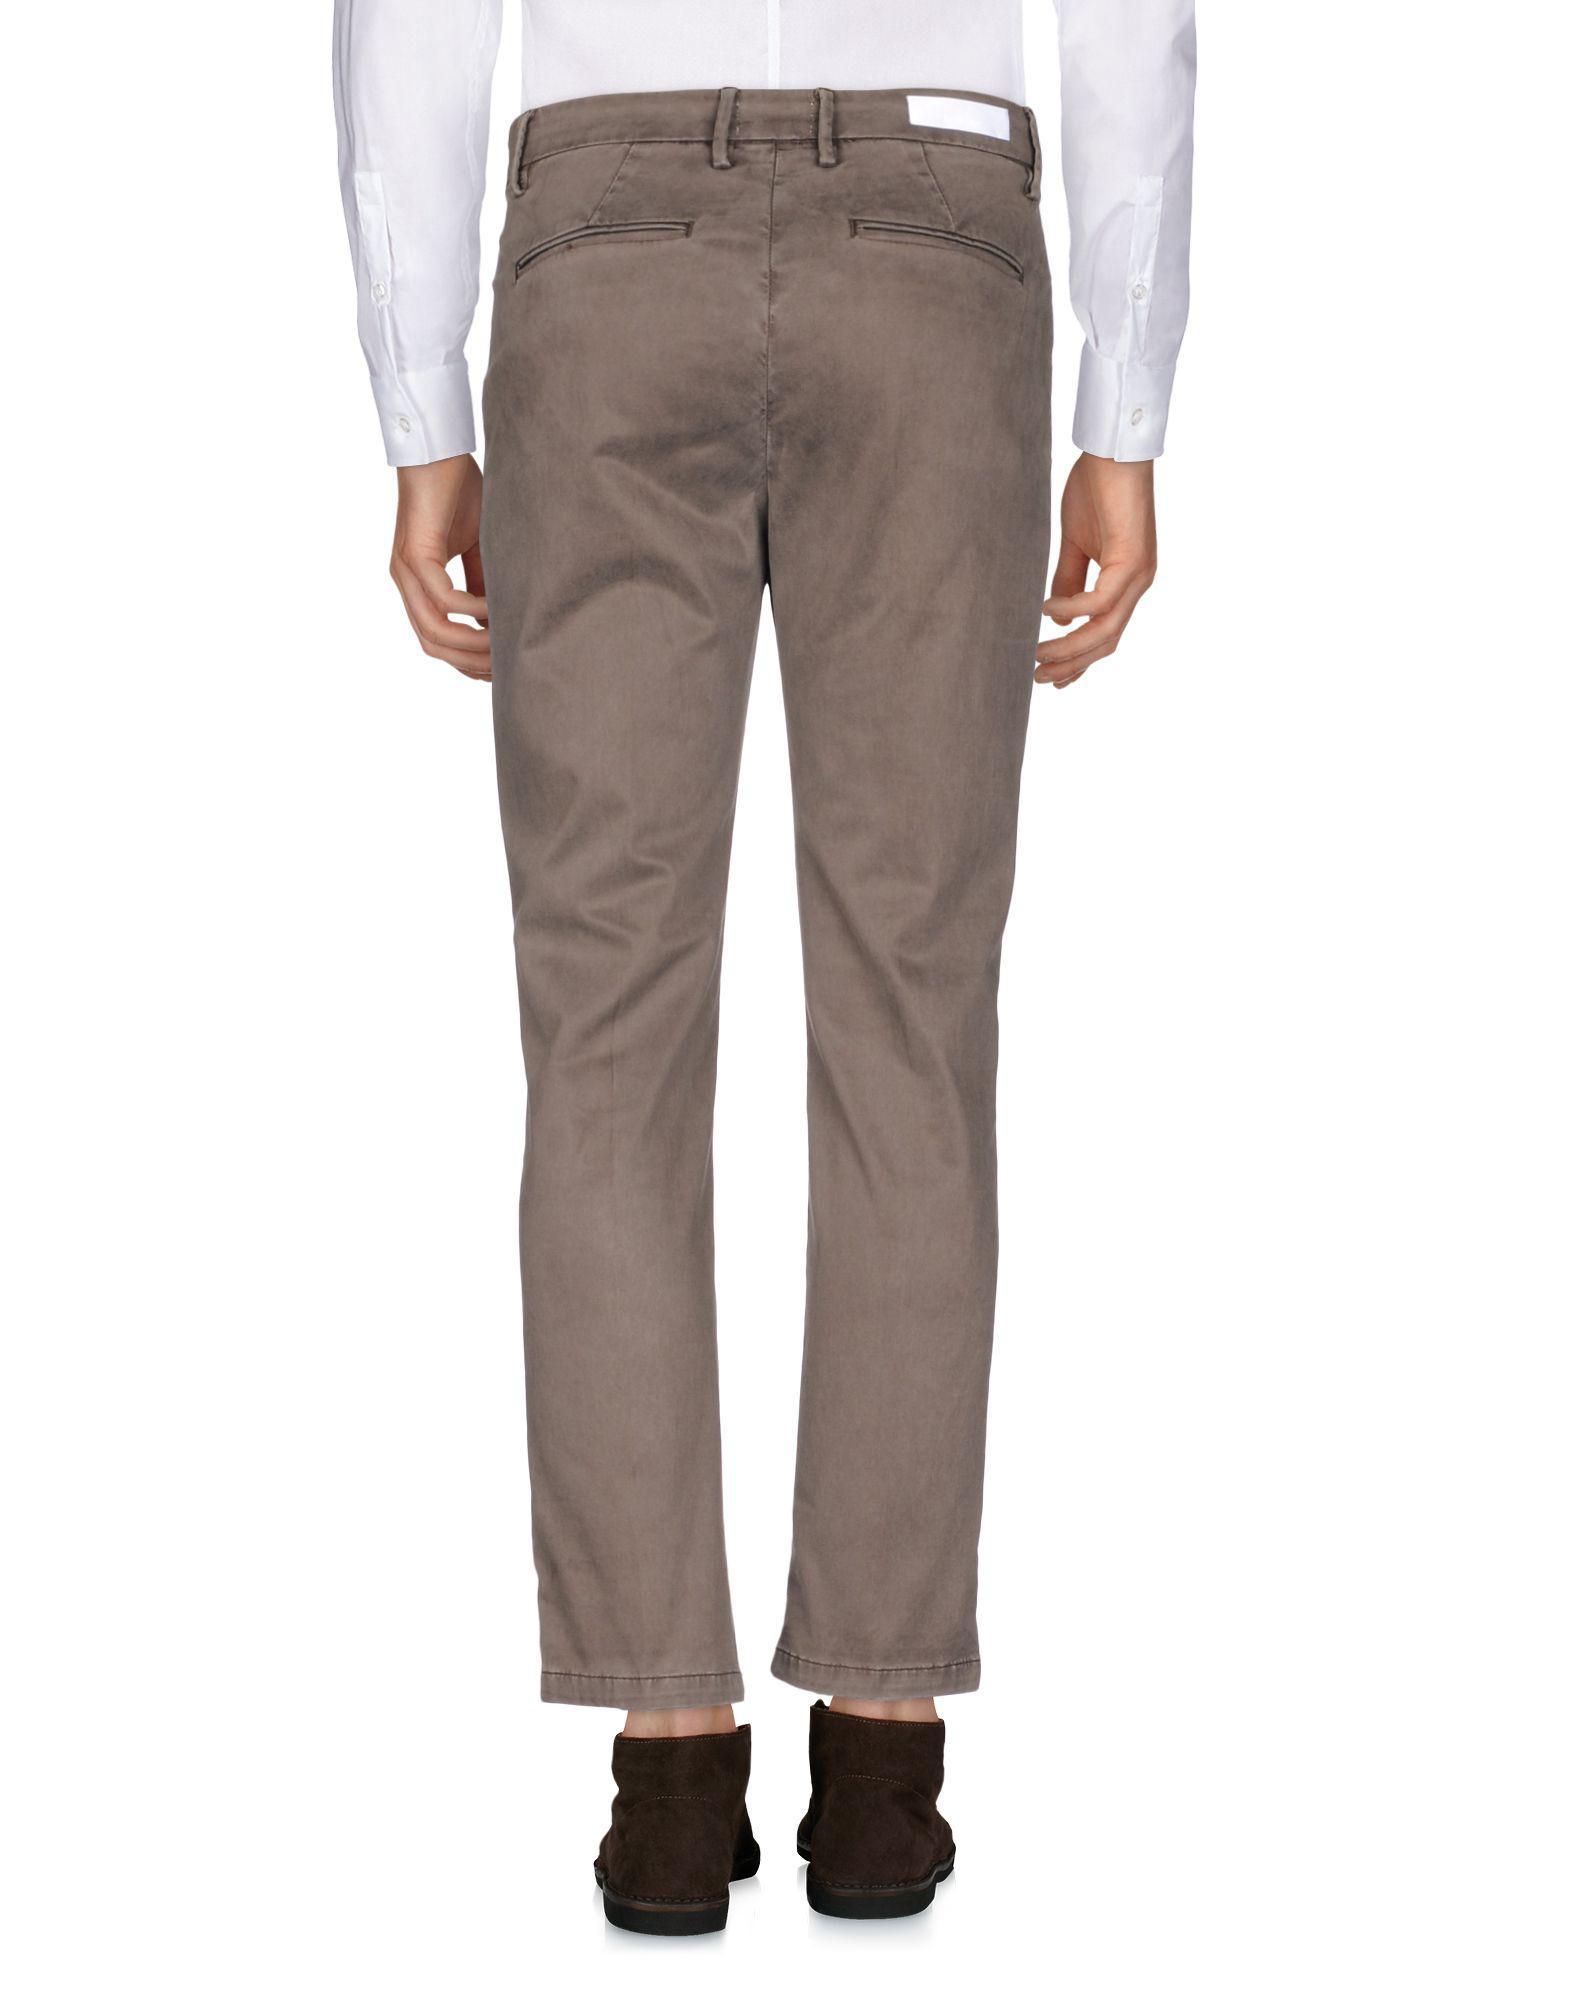 Haikure Casual Pants for Men